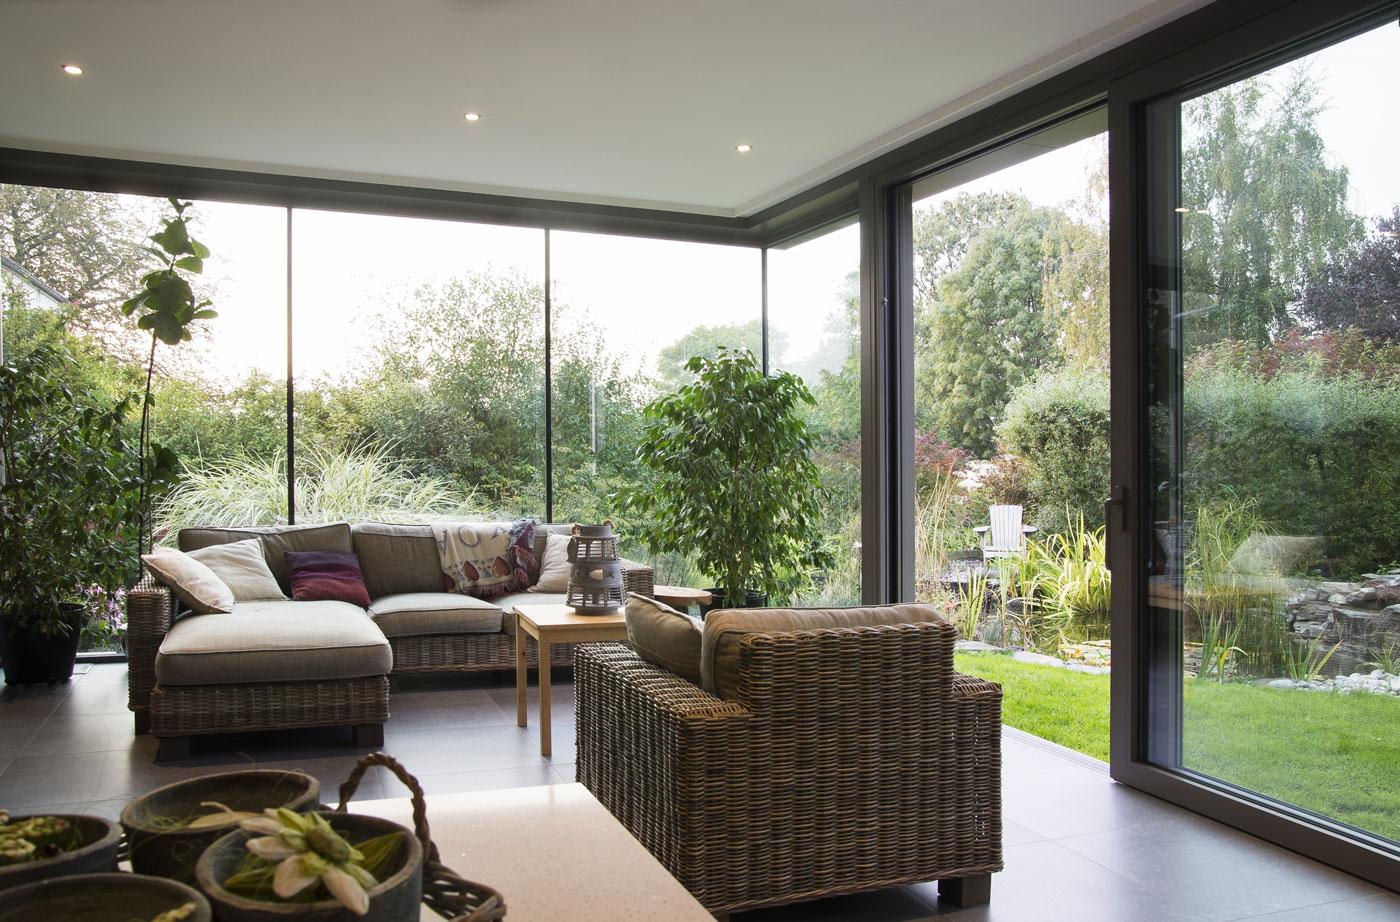 Giardino D Inverno In Vetro giardini d'inverno per impreziosire la tua casa | in fissa per